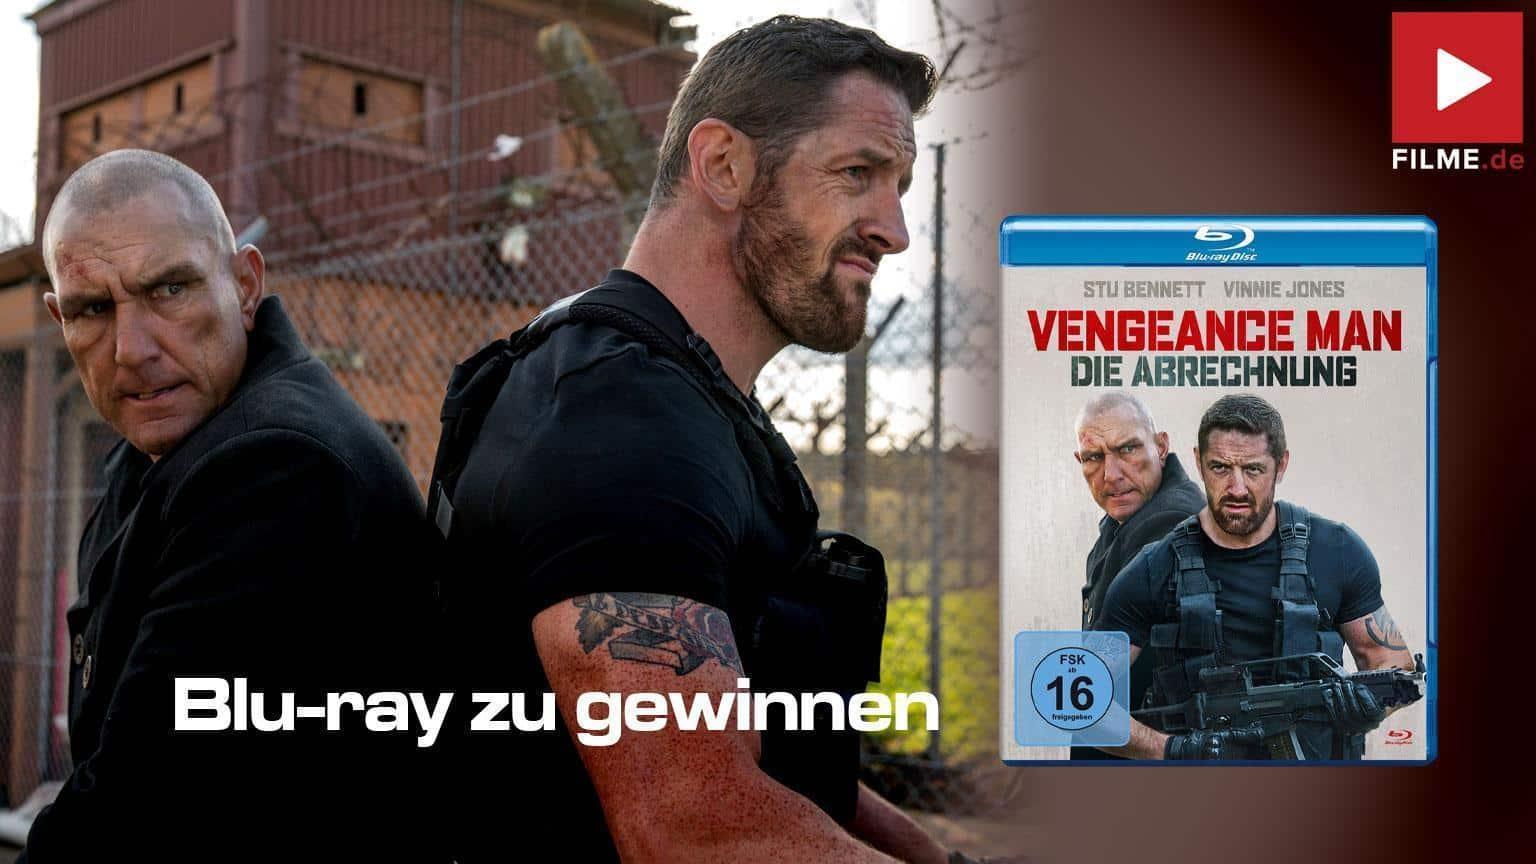 Vengeance Man - Die Abrechnung Gewinnspiel gewinnen shop kaufen Film 2021 Blu-ray DVD Artikelbild